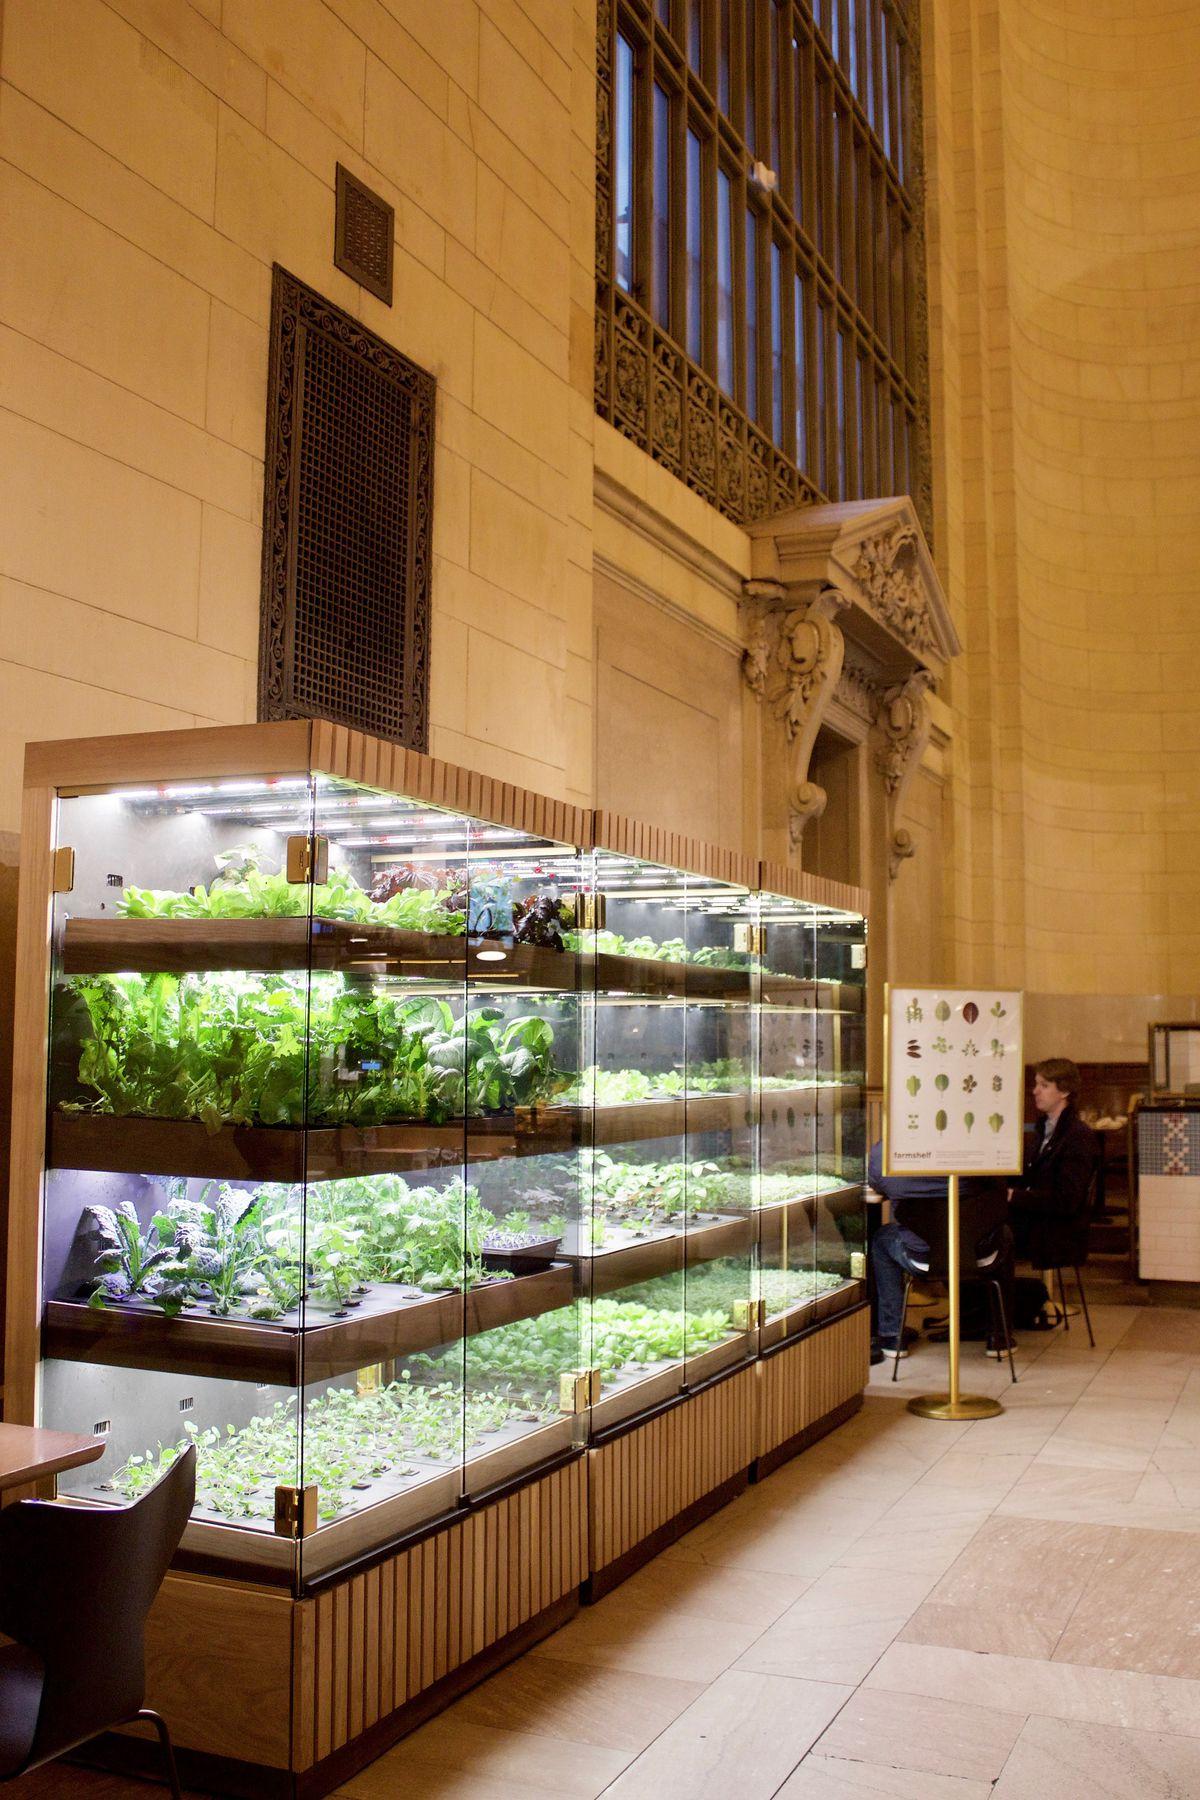 Farmshelf in Grand Central